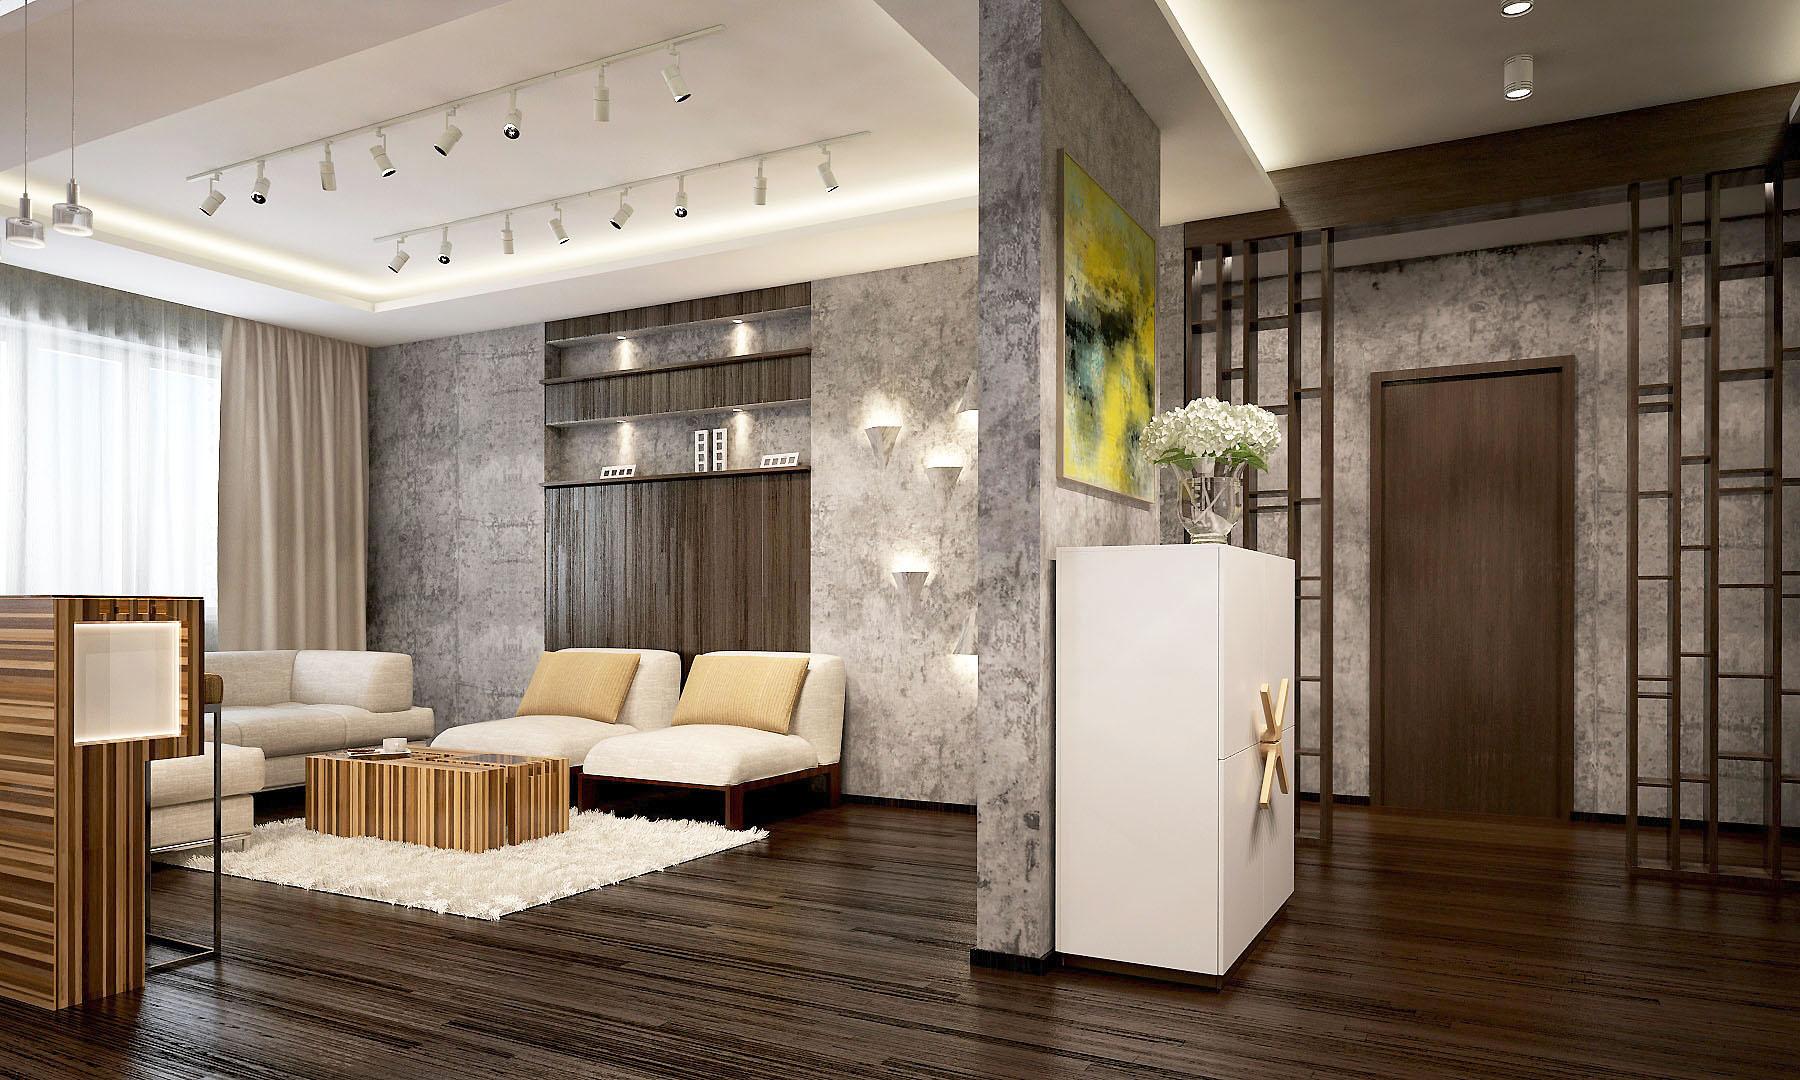 Рейтинг дизайна квартир